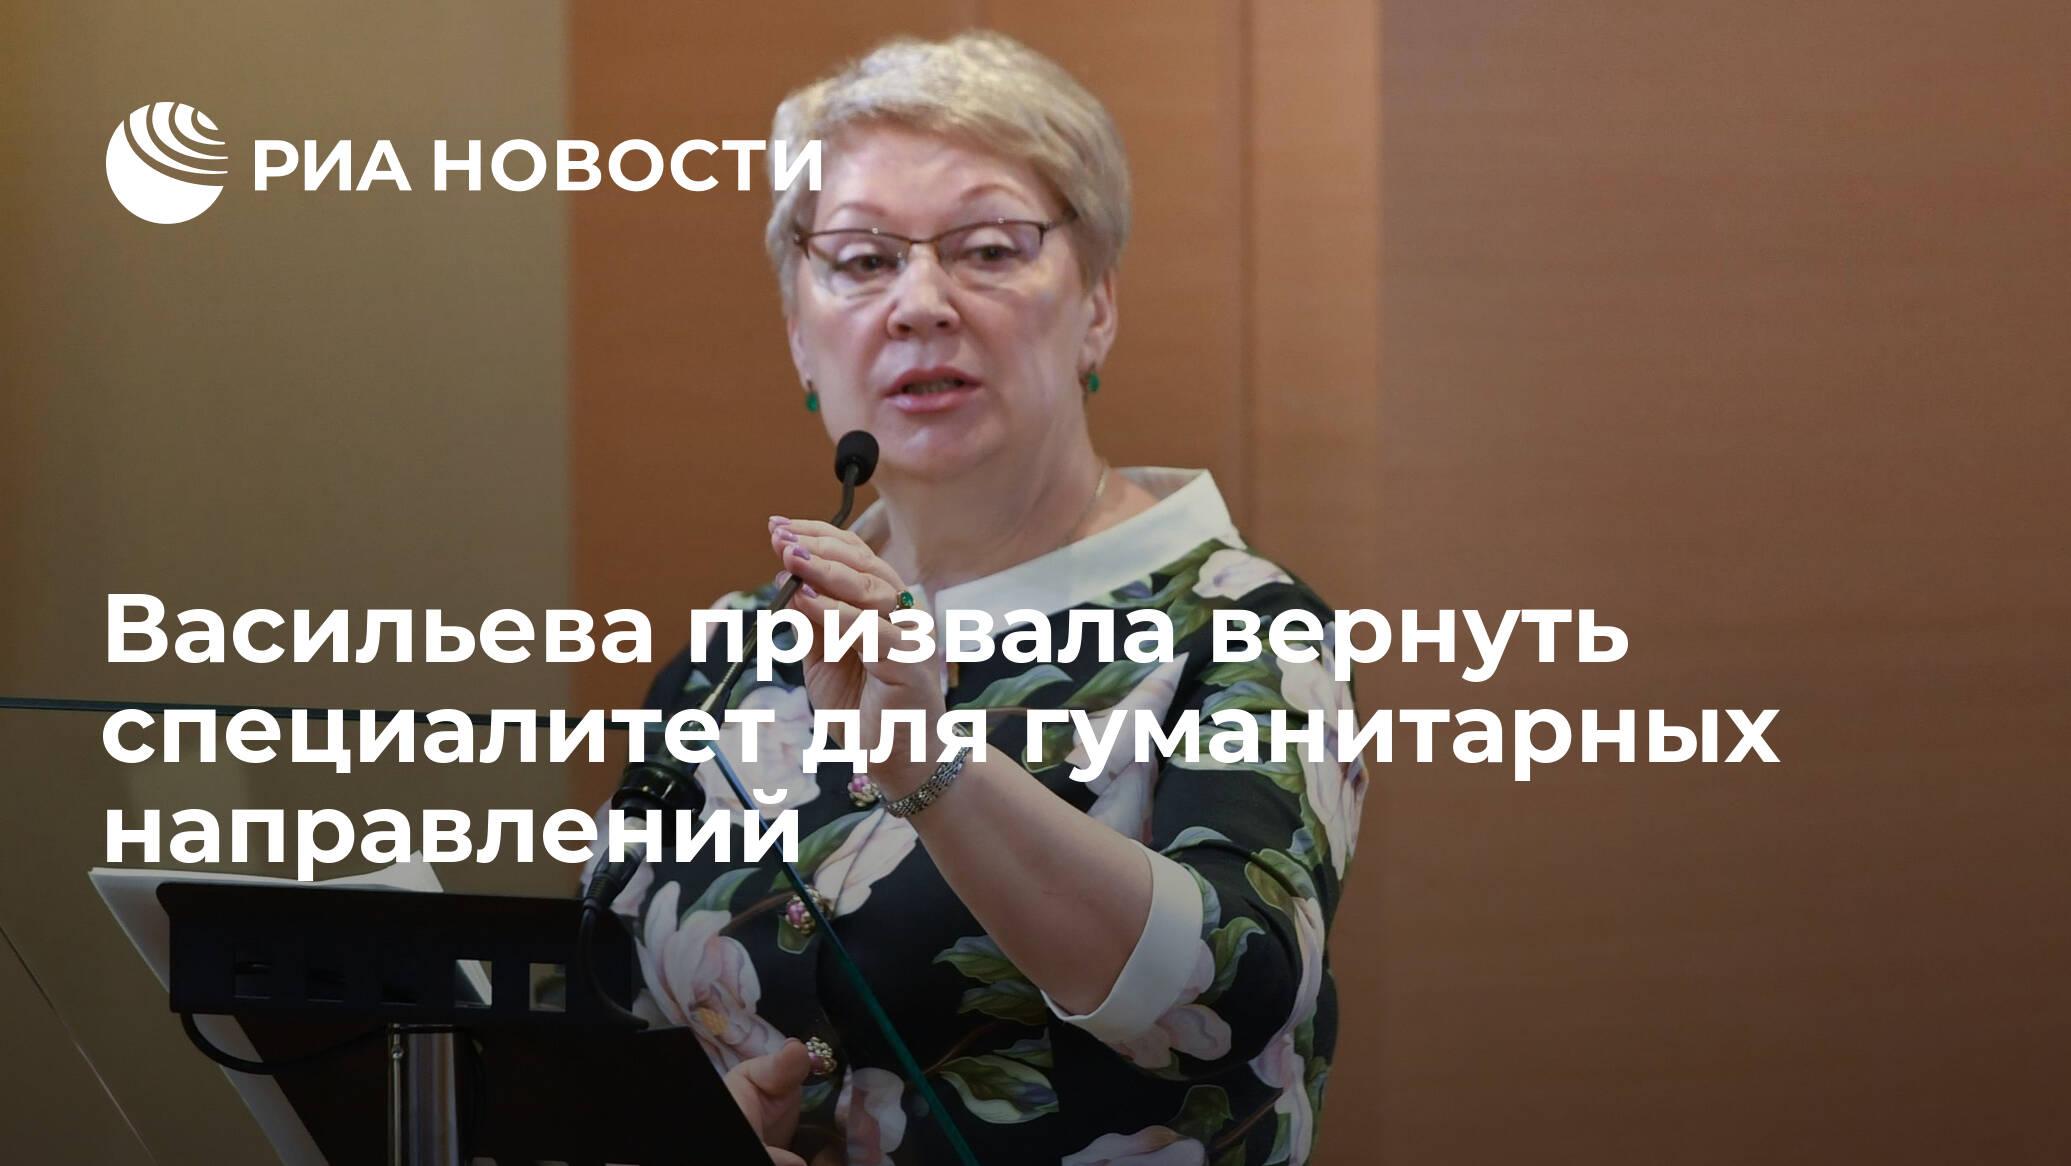 Васильева призвала вернуть специалитет для гуманитарных направлений